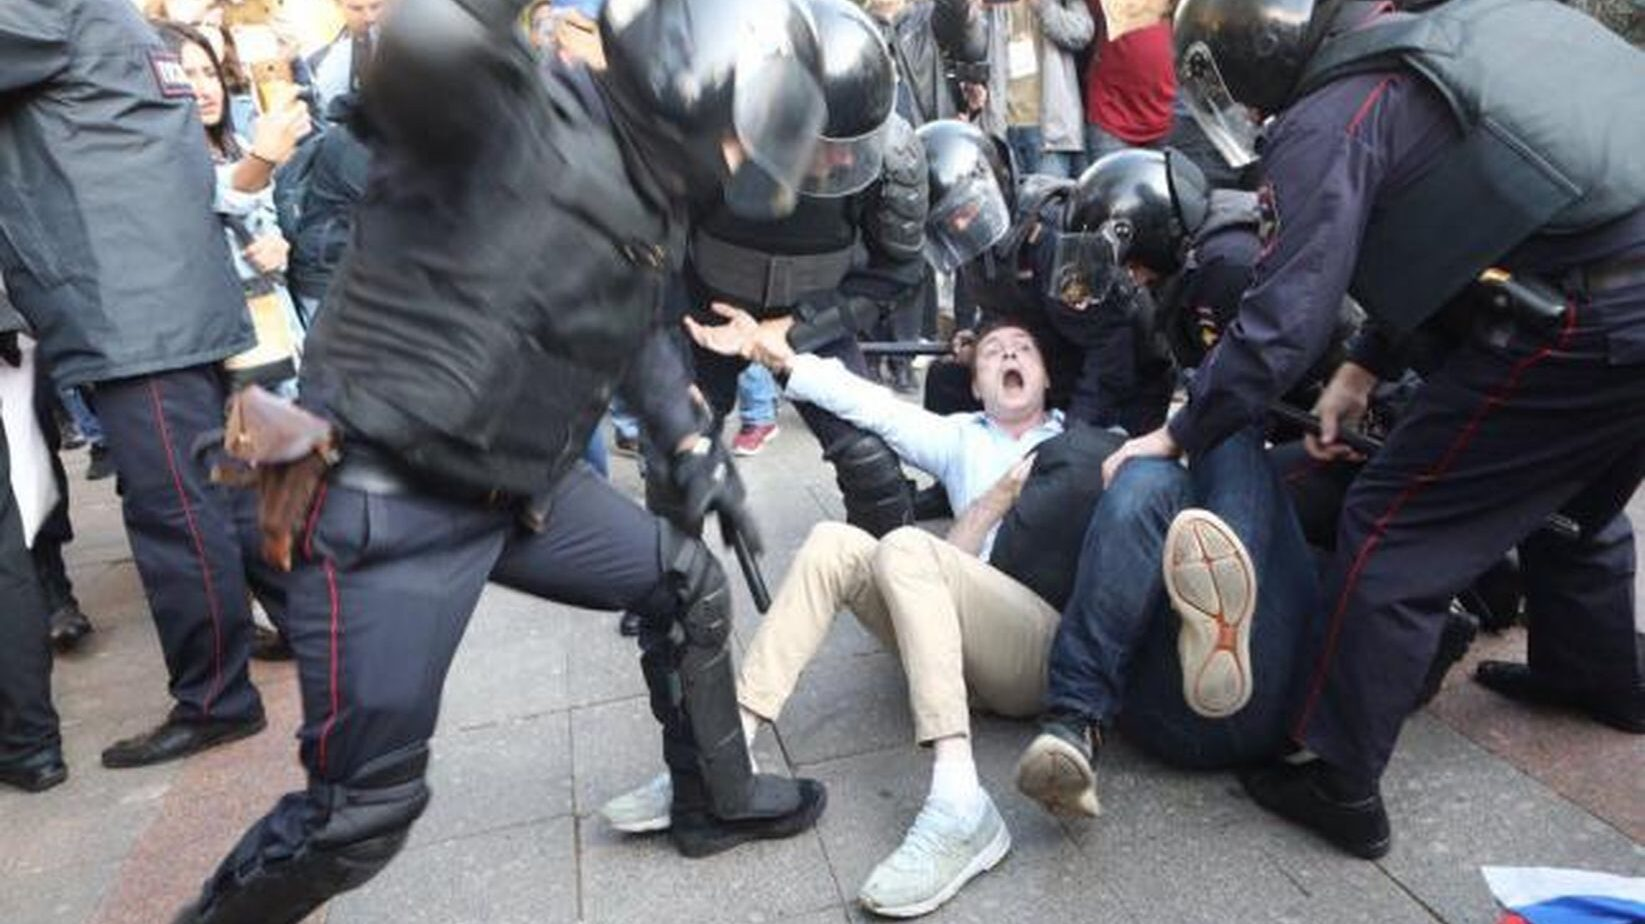 Навальный сидит. Безнадега и тотальный п****ц. Что делать?